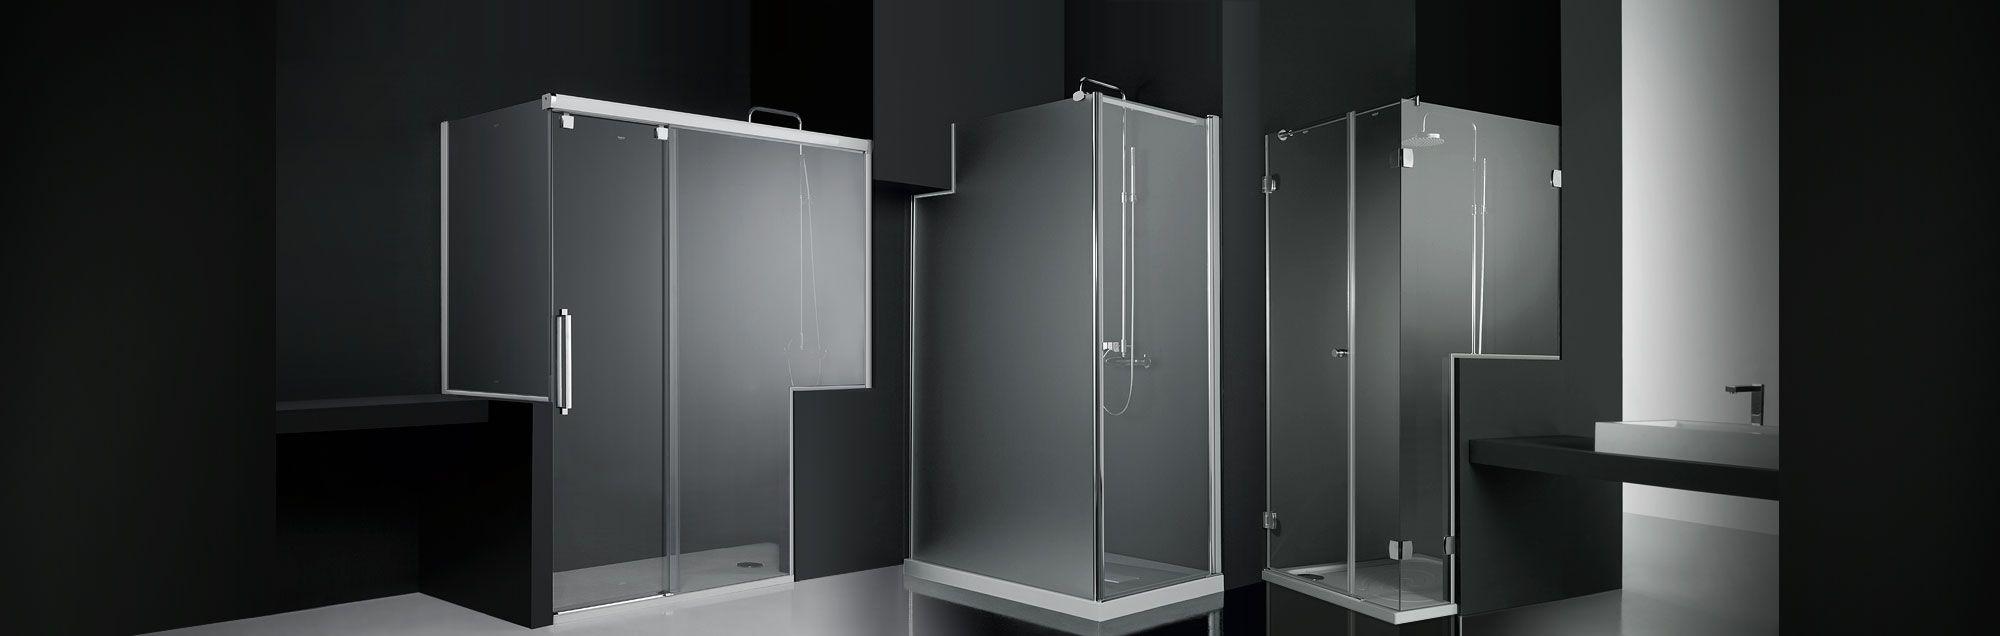 PROFILTEK Duschabtrennungen als spezielle Sonderanfertigung nach Maß